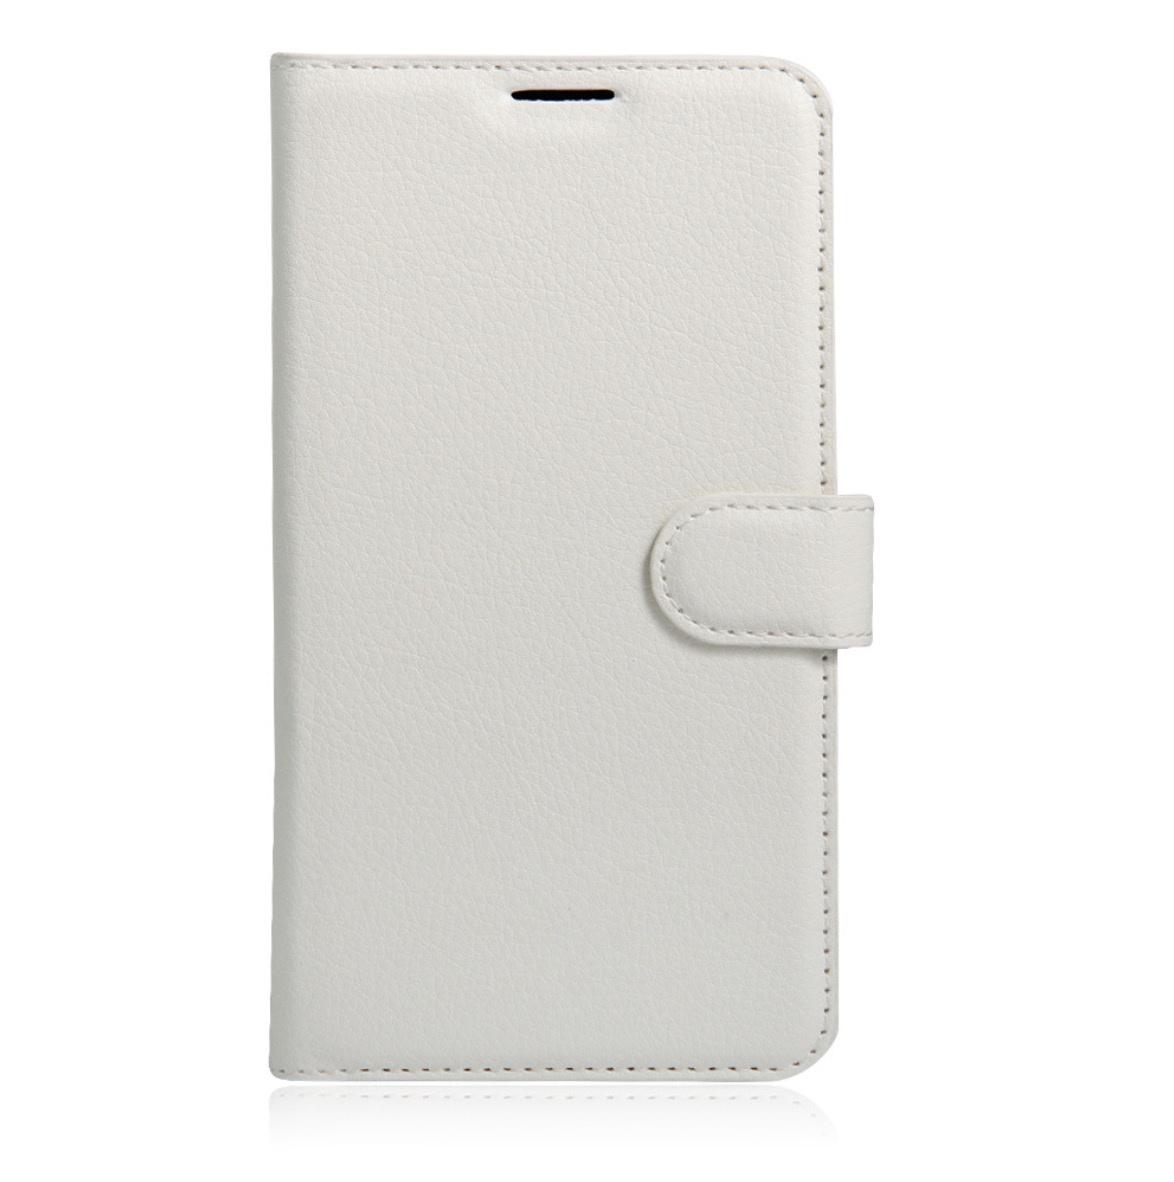 Чехол-книжка MyPads для HTC Desire 700 Dual Sim с мульти-подставкой застёжкой и визитницей белый